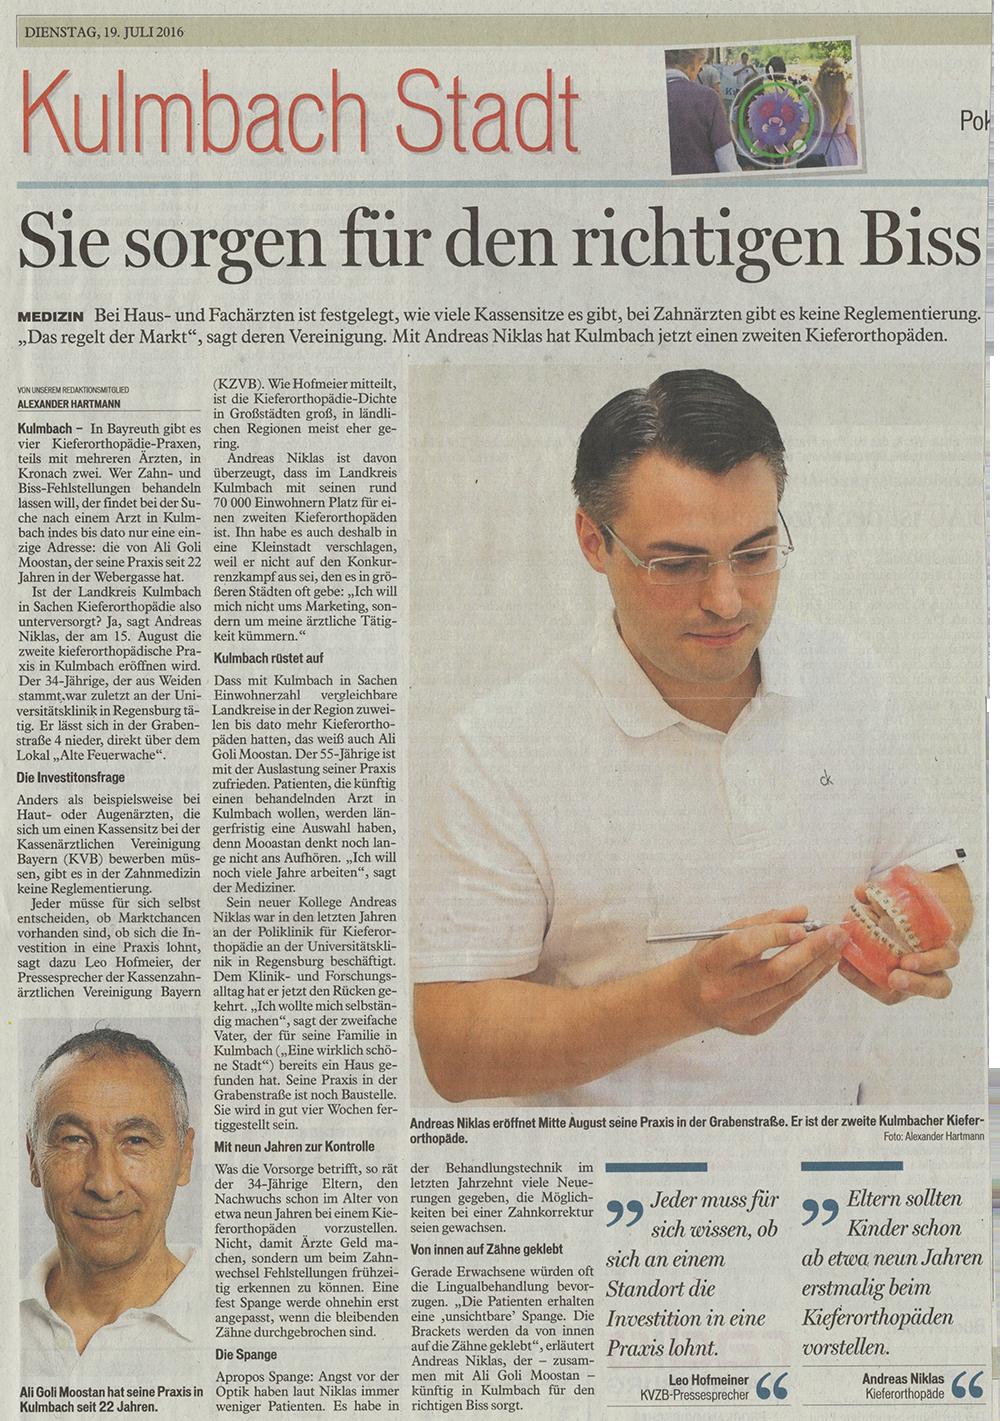 Bericht über die Gründung der Fachpraxis für Kieferorthopädie von Dr. Andreas Niklas in Kulmbach